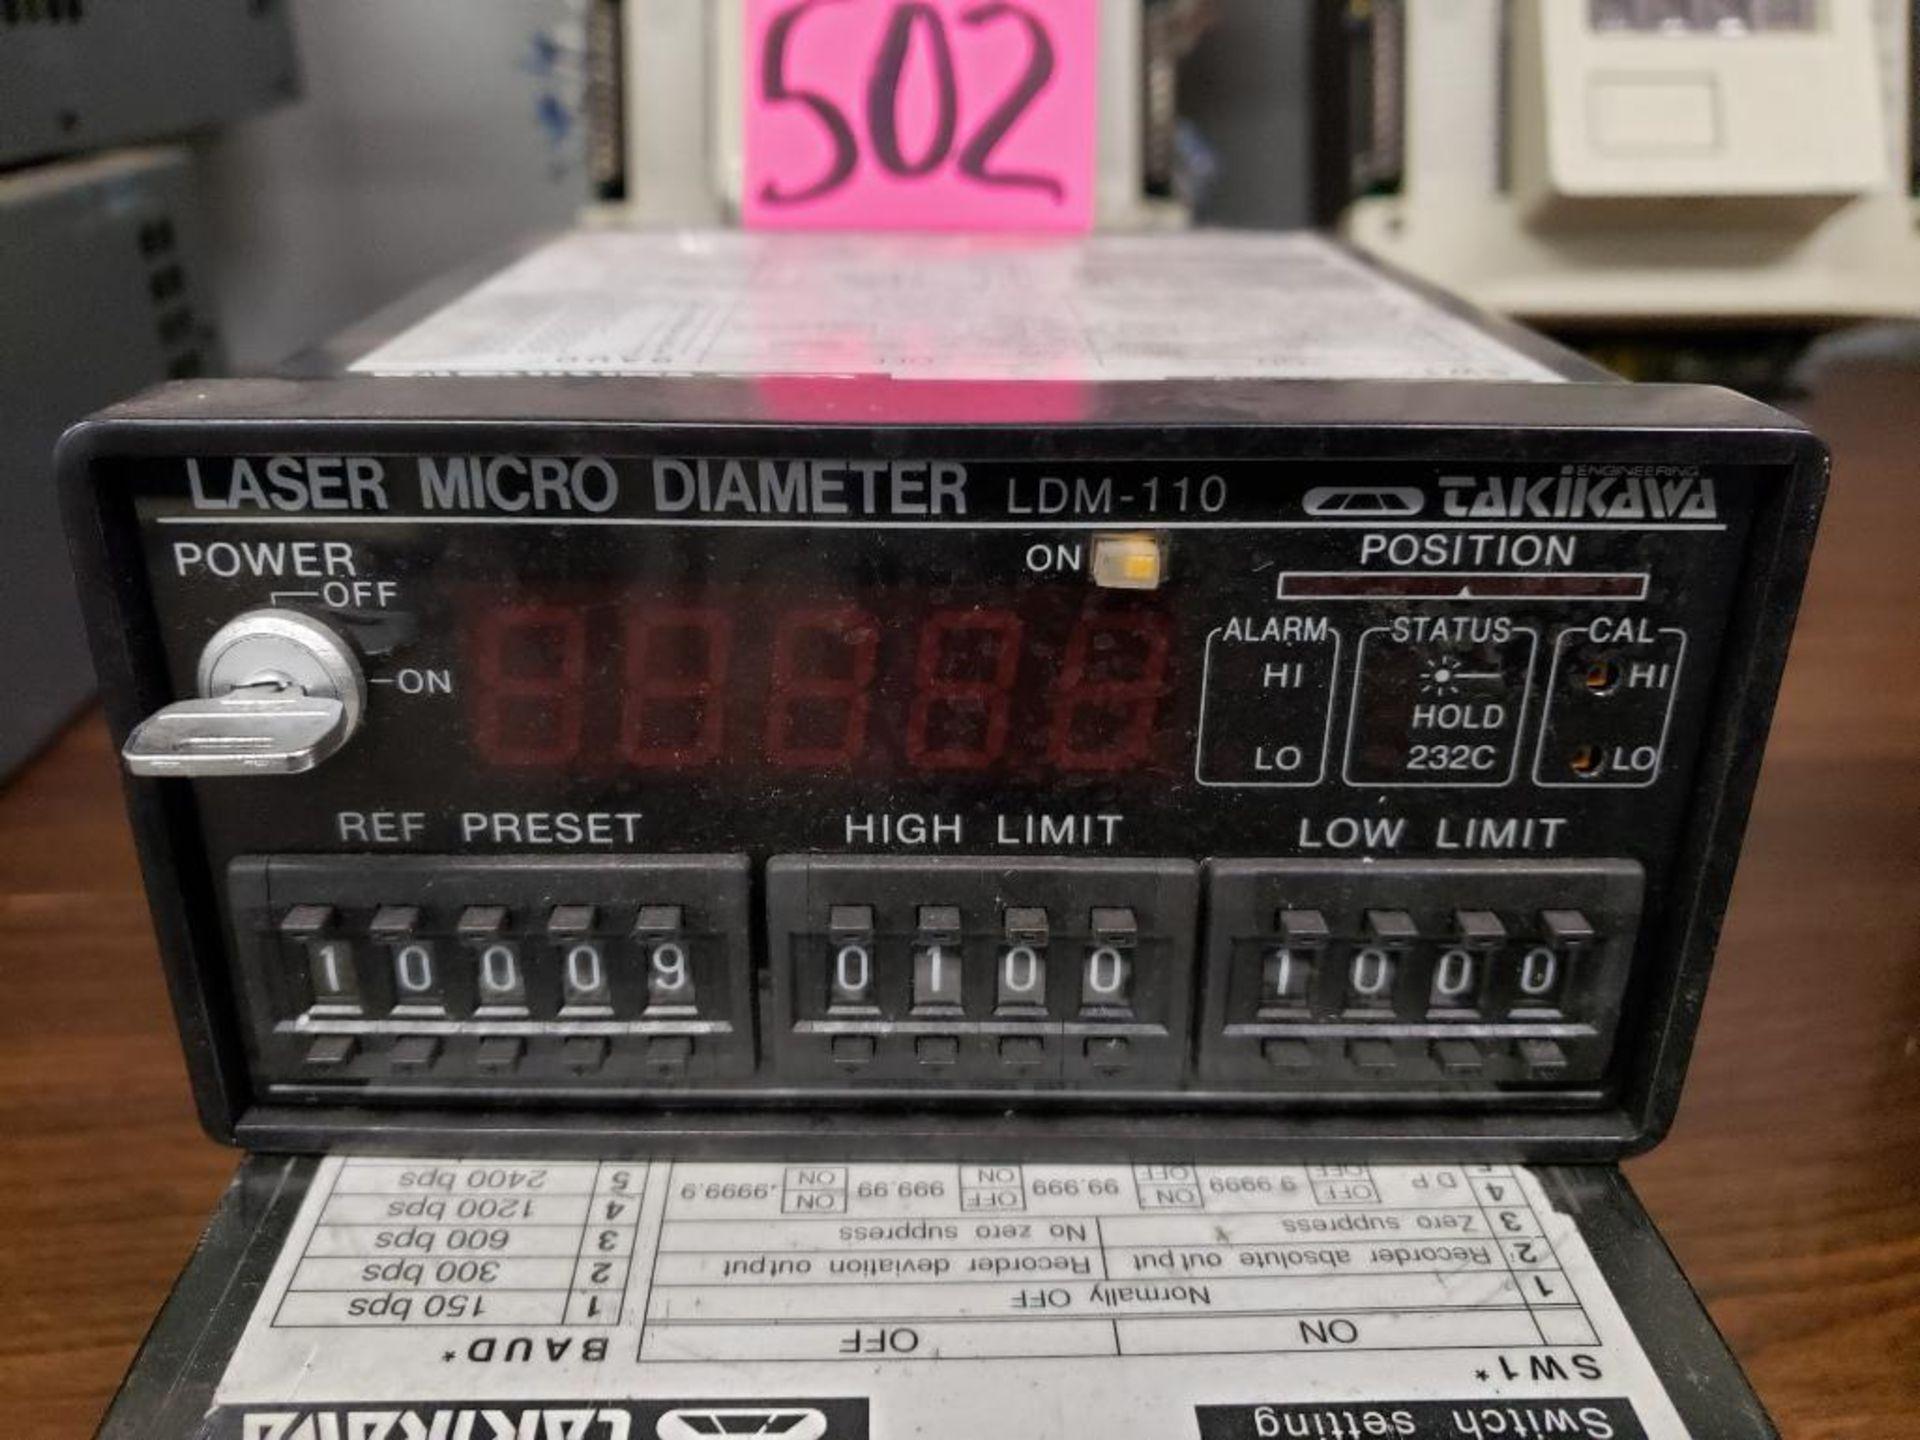 Lot 502 - Qty 2 - Takikawa laser micro diameter. Model LDM-110.